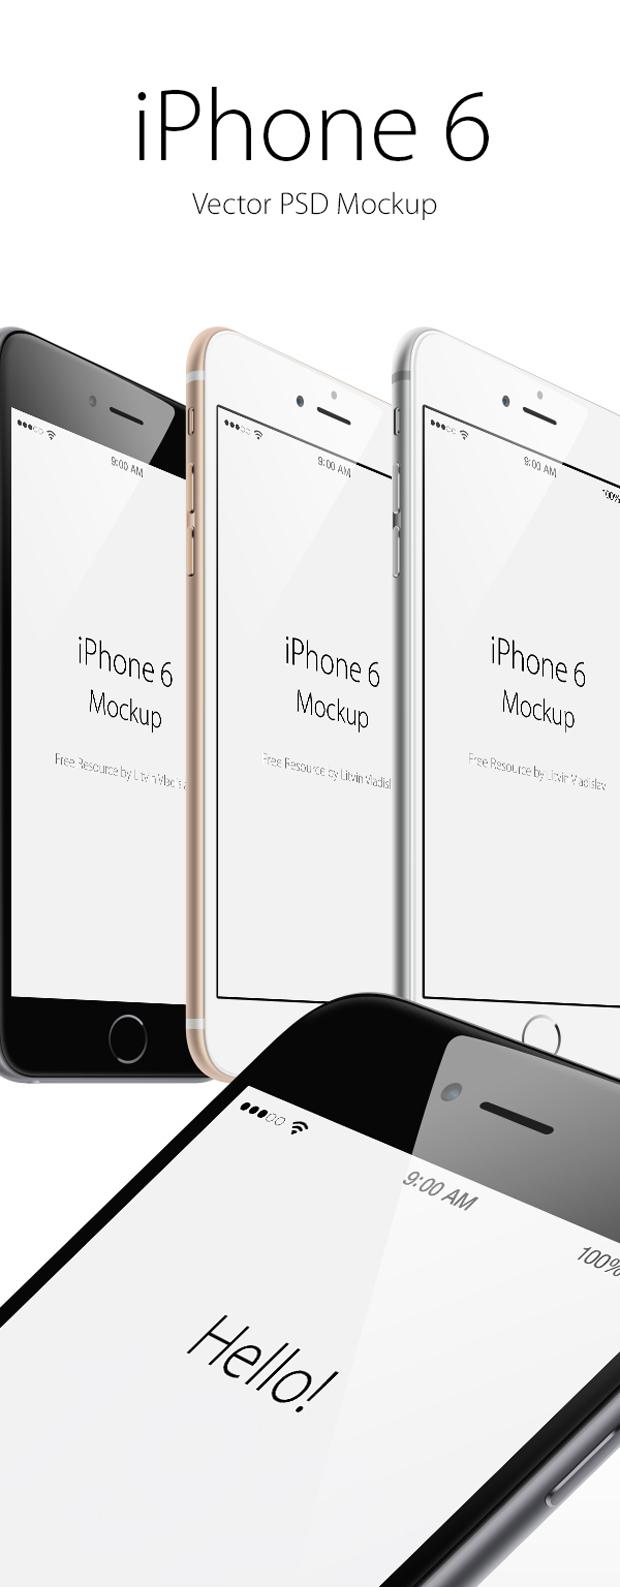 Mockup gratuito de iPhone 6 en PSD